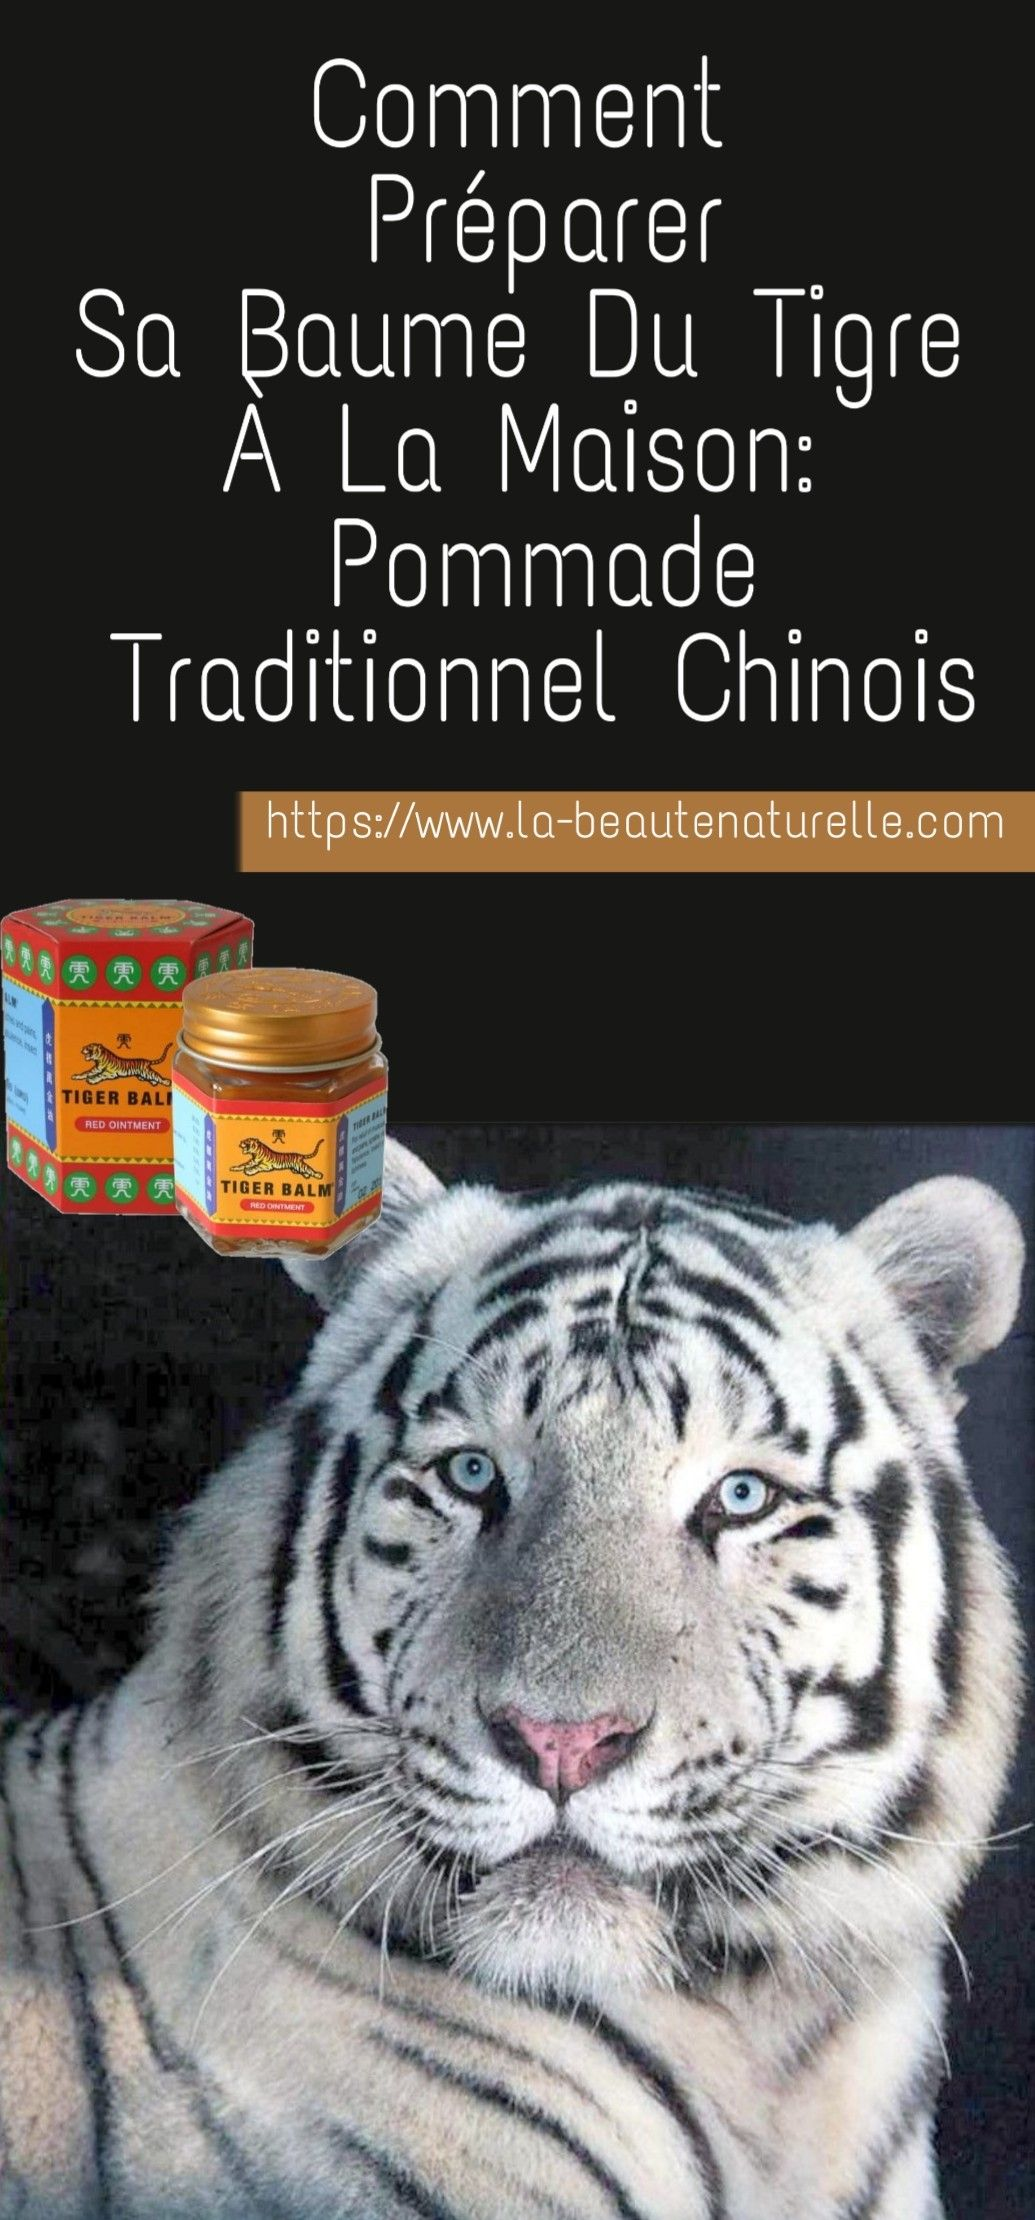 perte de poids de baume du tigre examen de la perte de poids du lipodrène